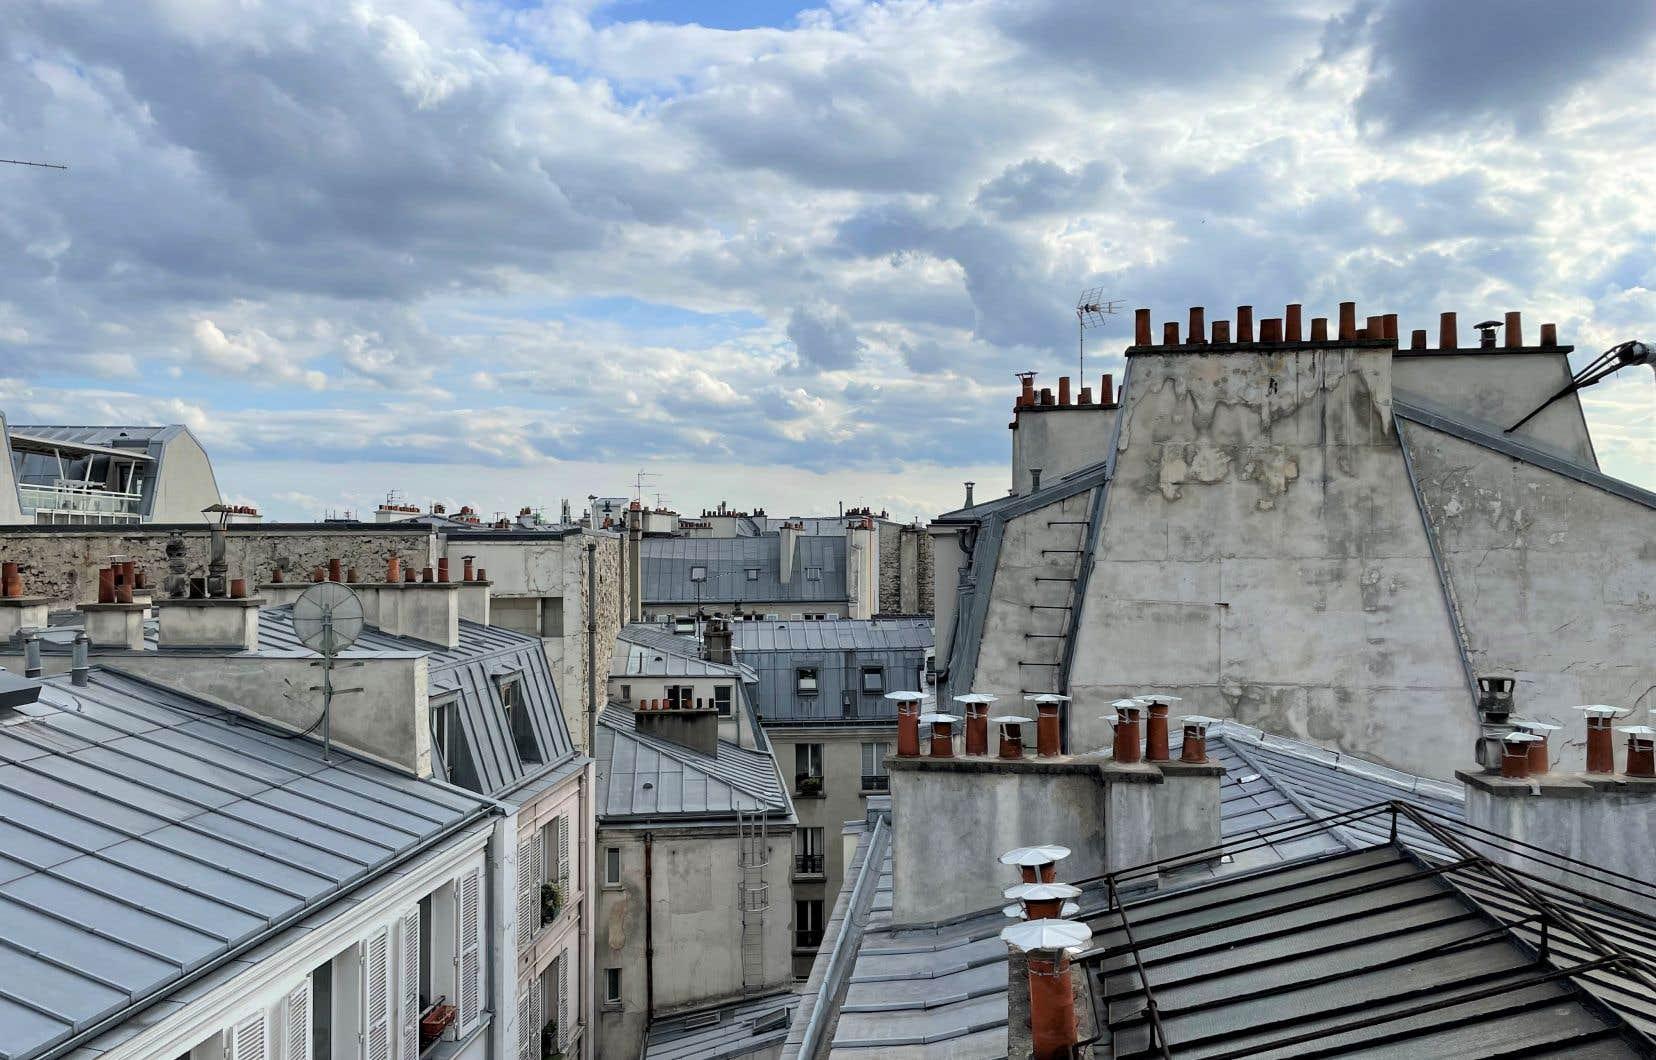 Les toits de Paris depuis l'hôtel Maison Mère, dans le 9e arrondissement